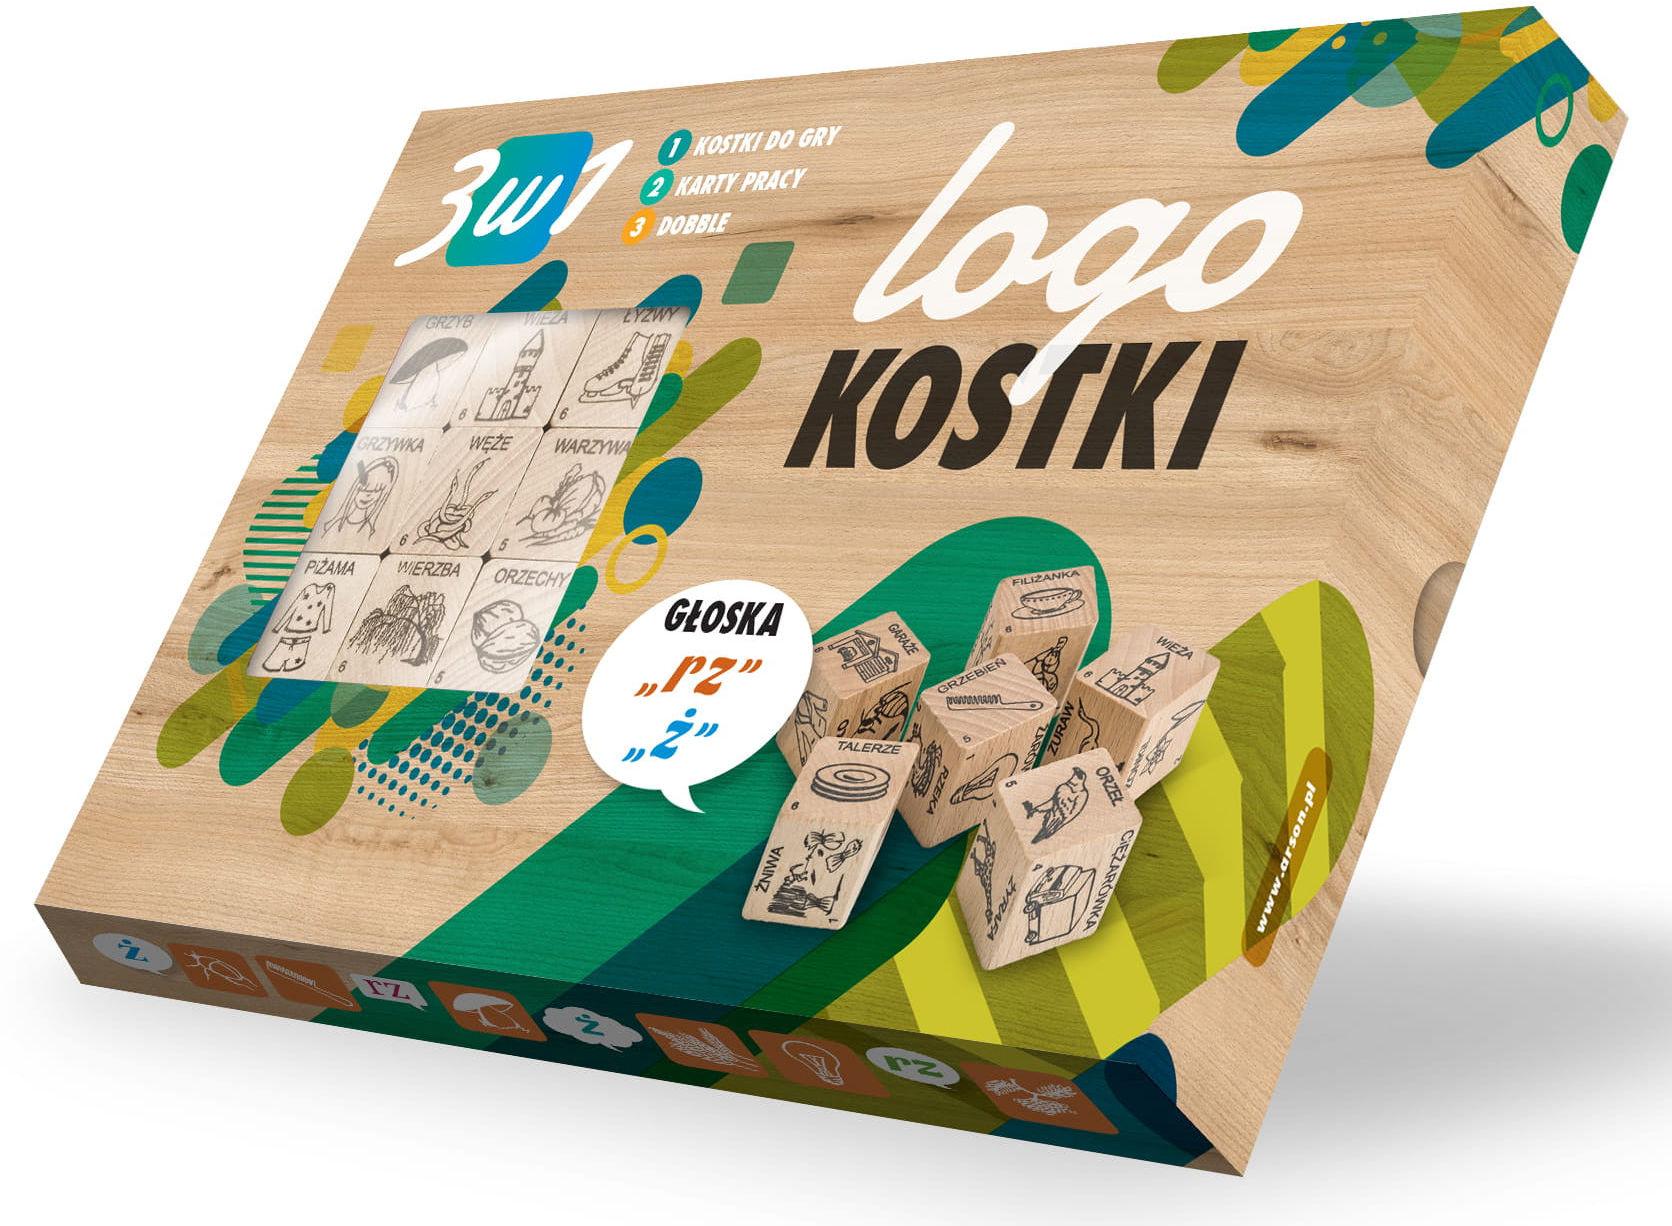 """Logokostki- Głoska """"Ż"""" 3w1"""